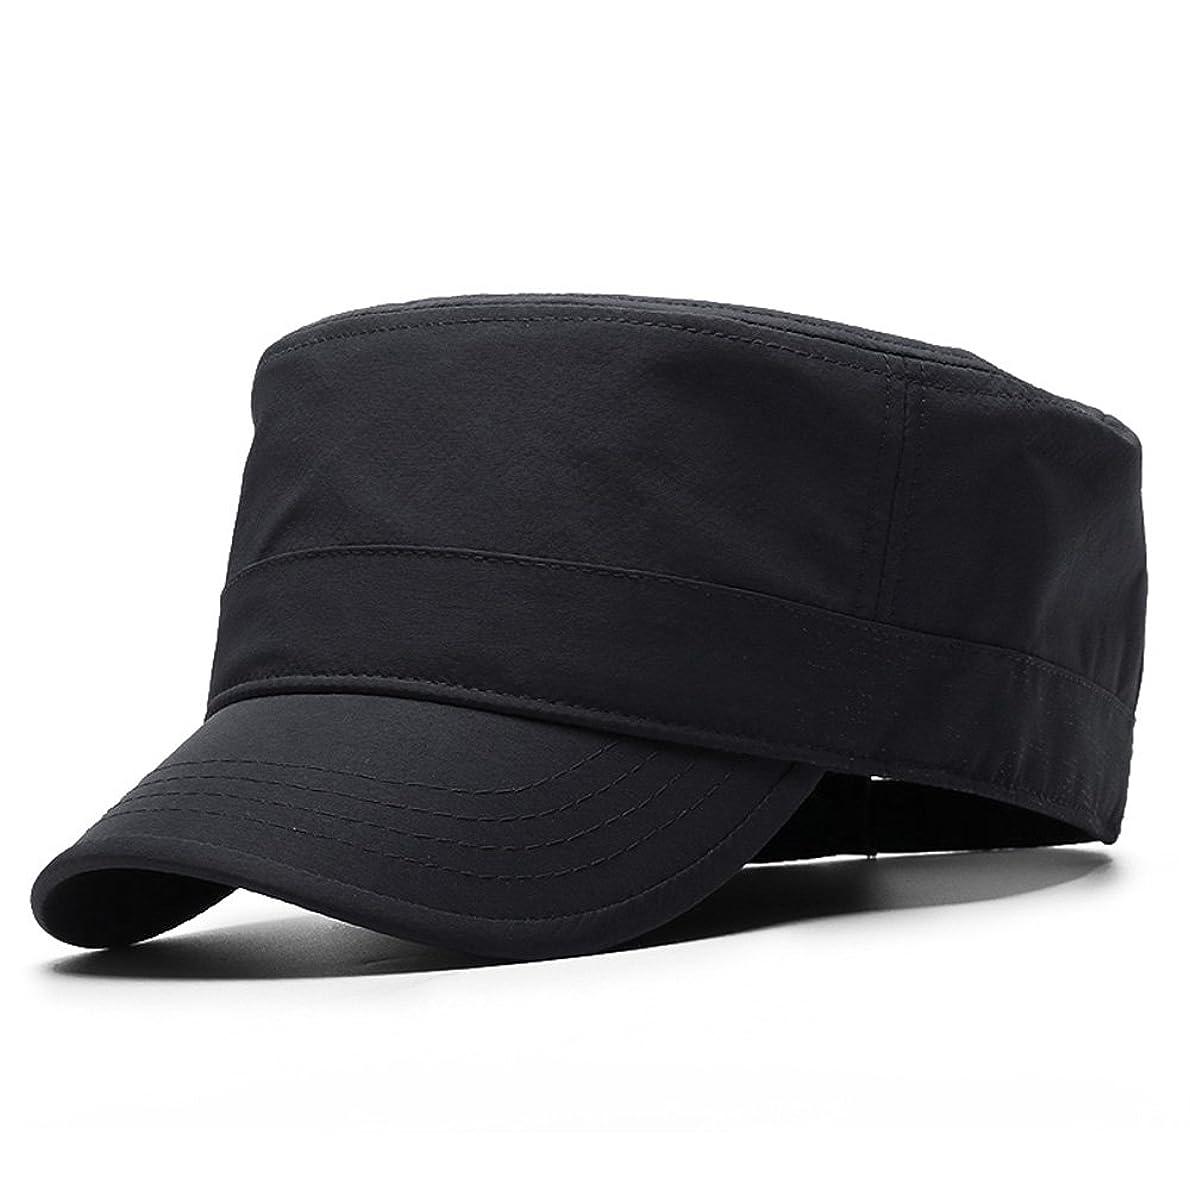 退却レクリエーションお手伝いさんサンハットゴルフキャップアウトドアライディングサンハット野球帽フラットトップメンズ女性ユニバーサル